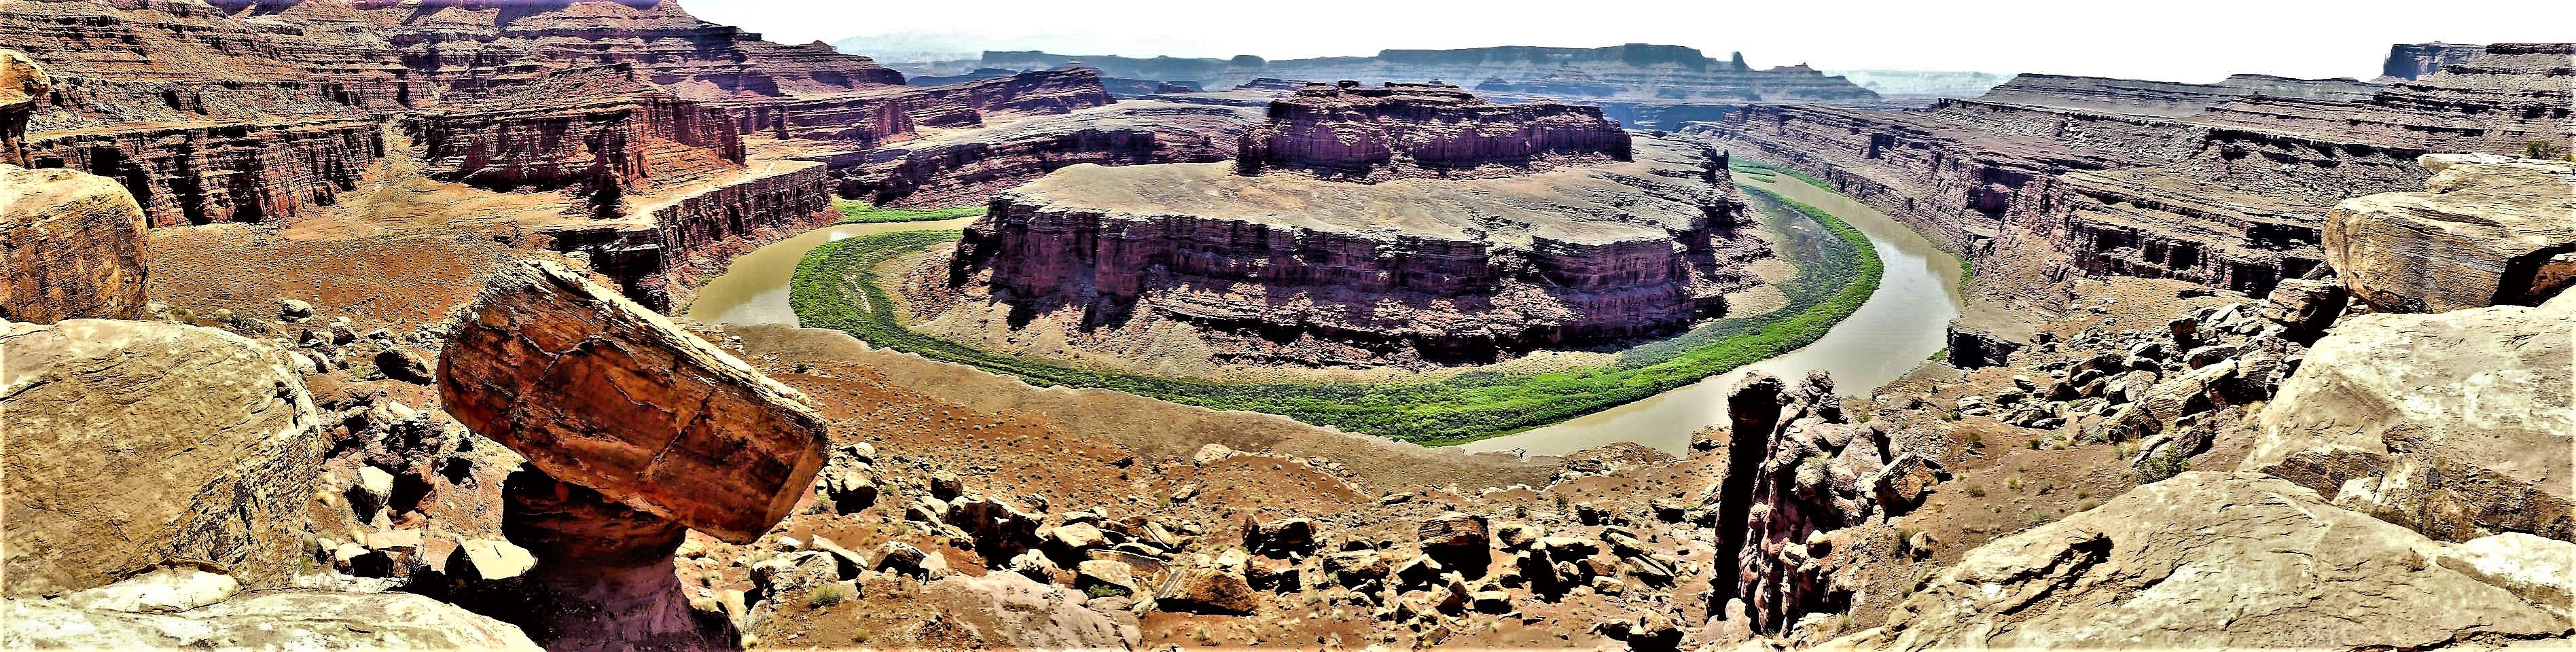 Gooseneck Overlook, Canyonlands, NP